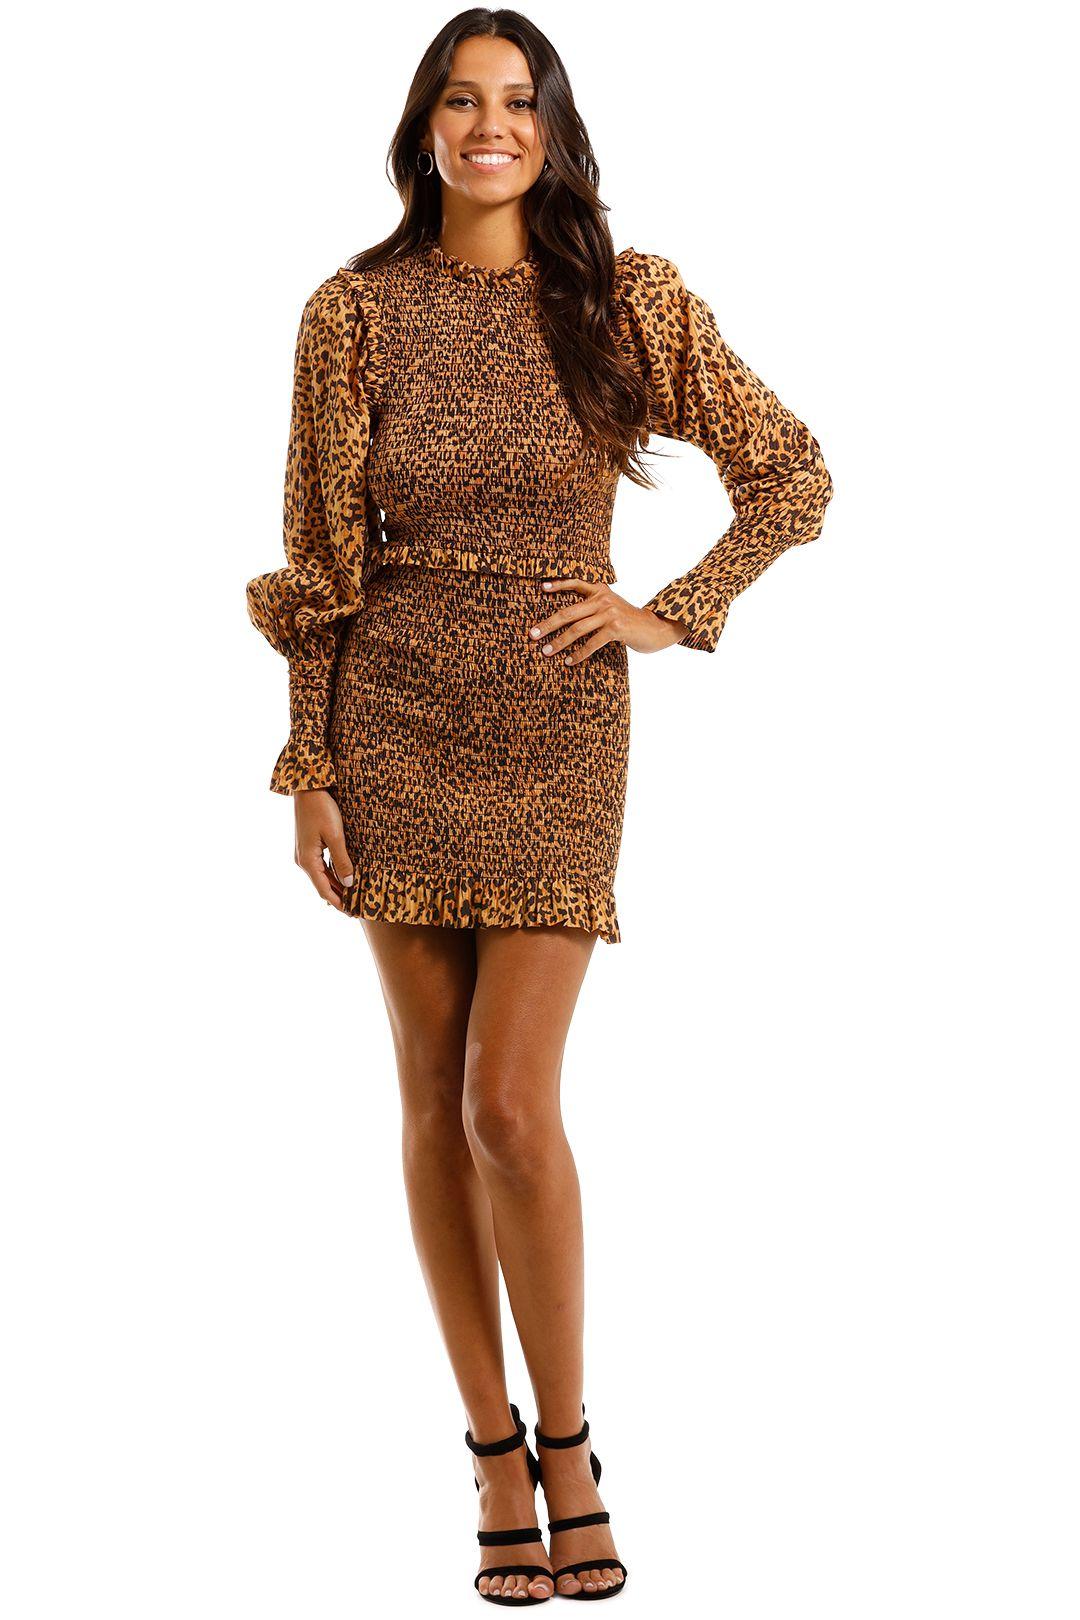 Bec and Bridge Lions Den Mini Dress